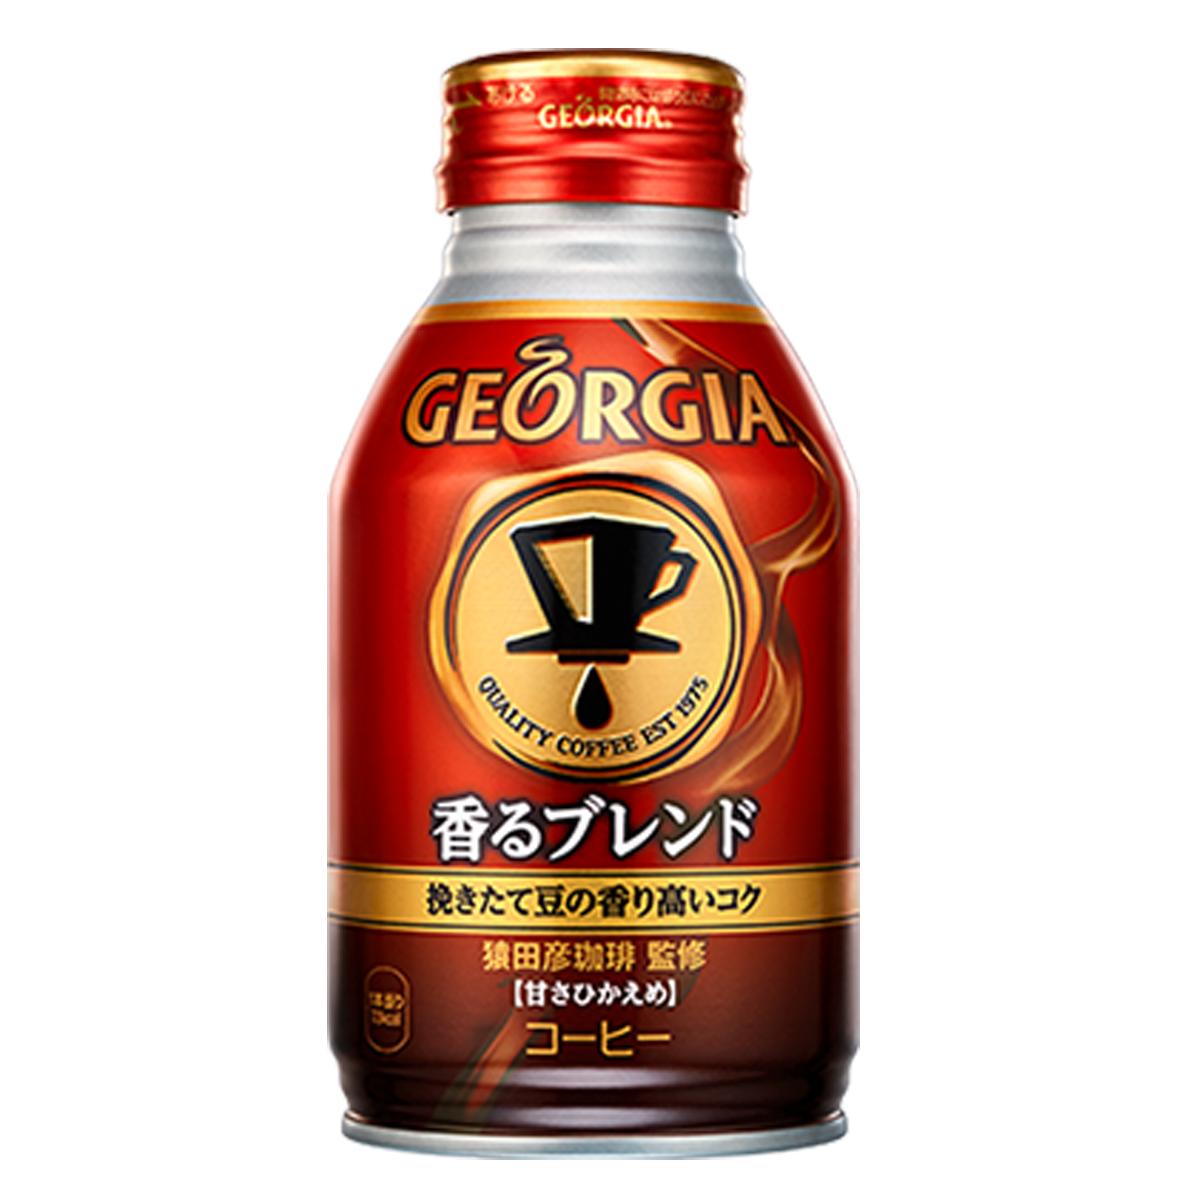 【1ケース】コカ・コーラ ジョージア 香るブレンド ボトル缶 270mL 飲料 飲み物 ソフトドリンク 缶 24本×1ケース 買い回り 買い周り 買いまわり ポイント消化